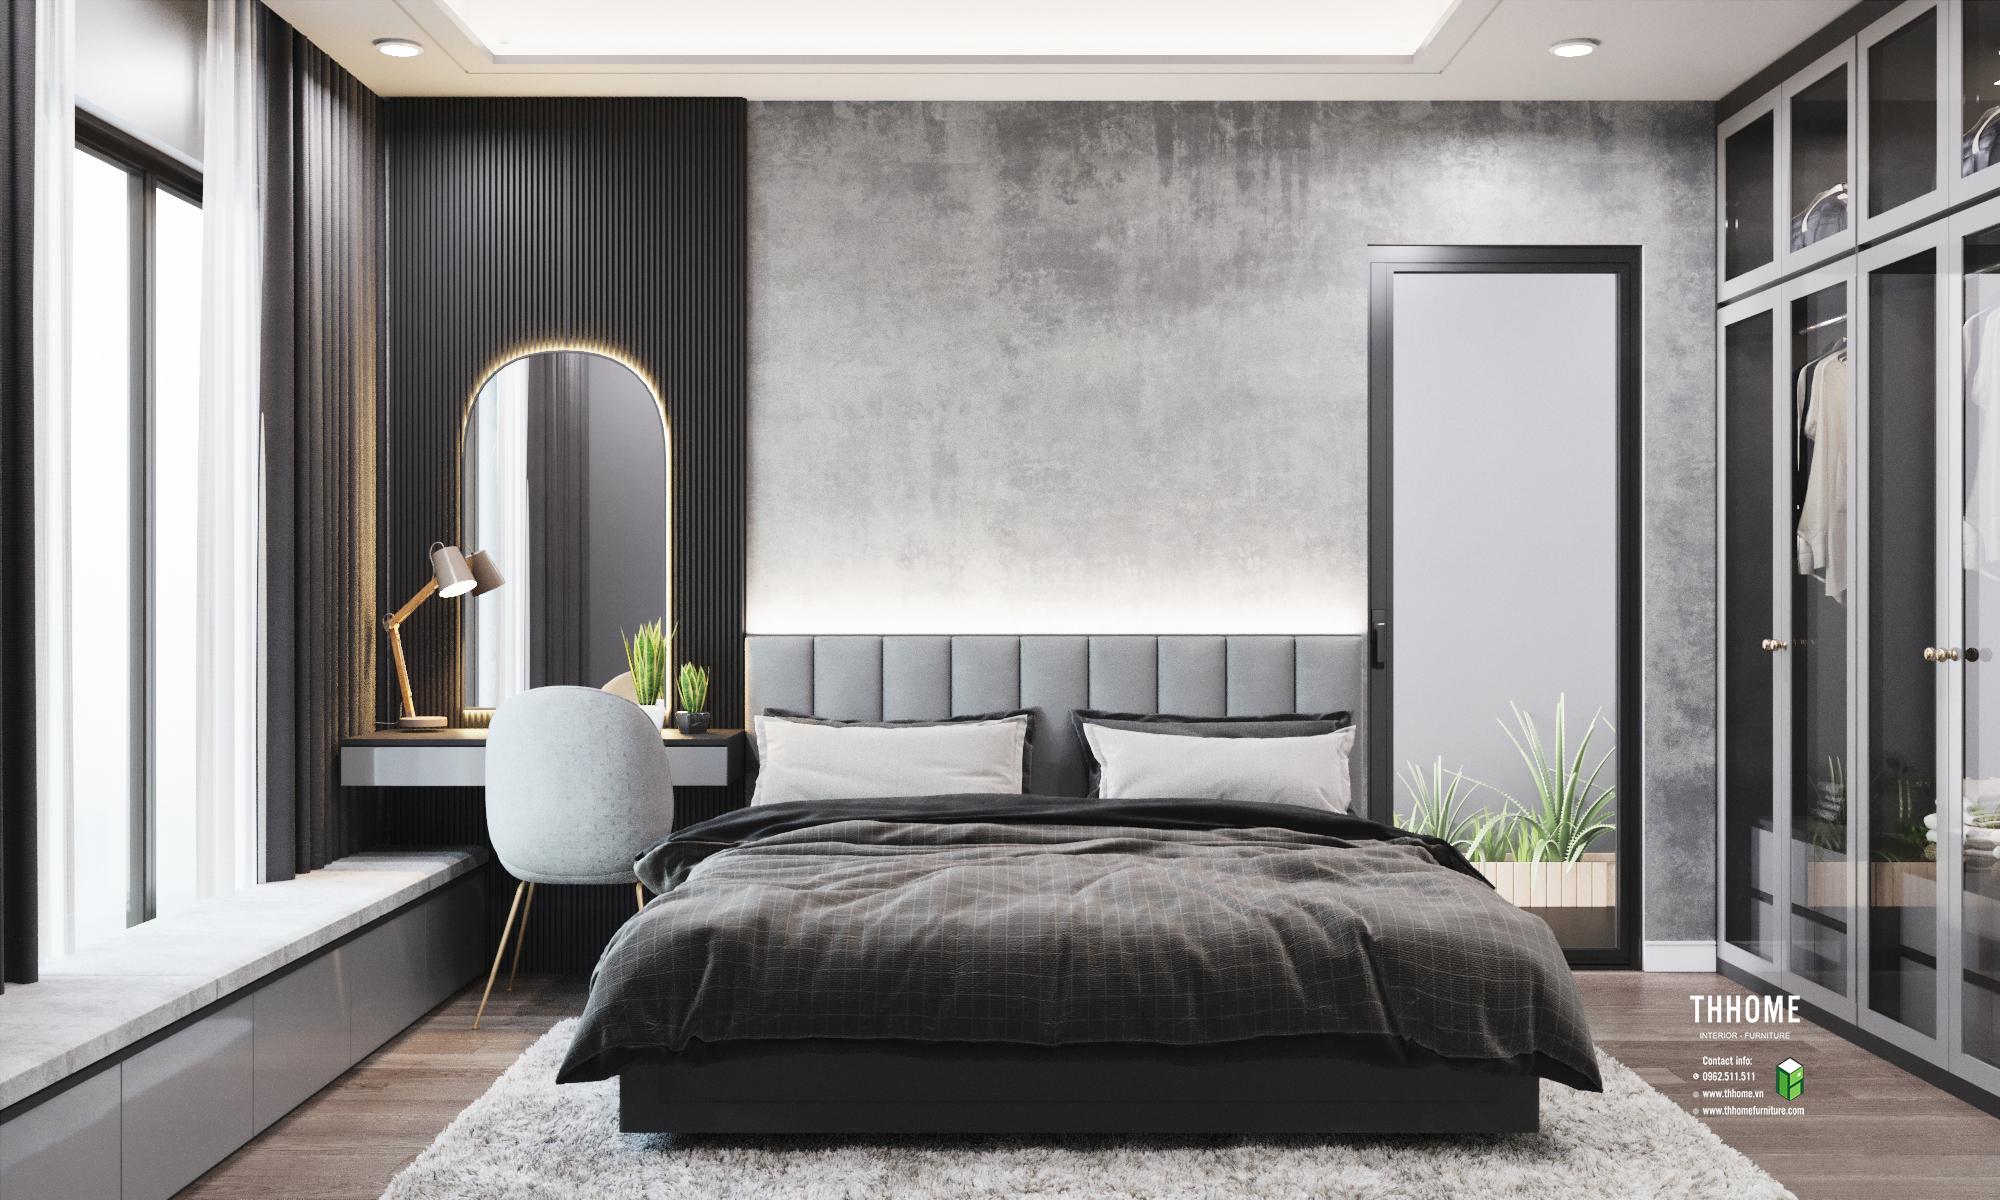 Phòng ngủ cũng đồng bộ với gam màu xám dễ chịu, hài hòa.